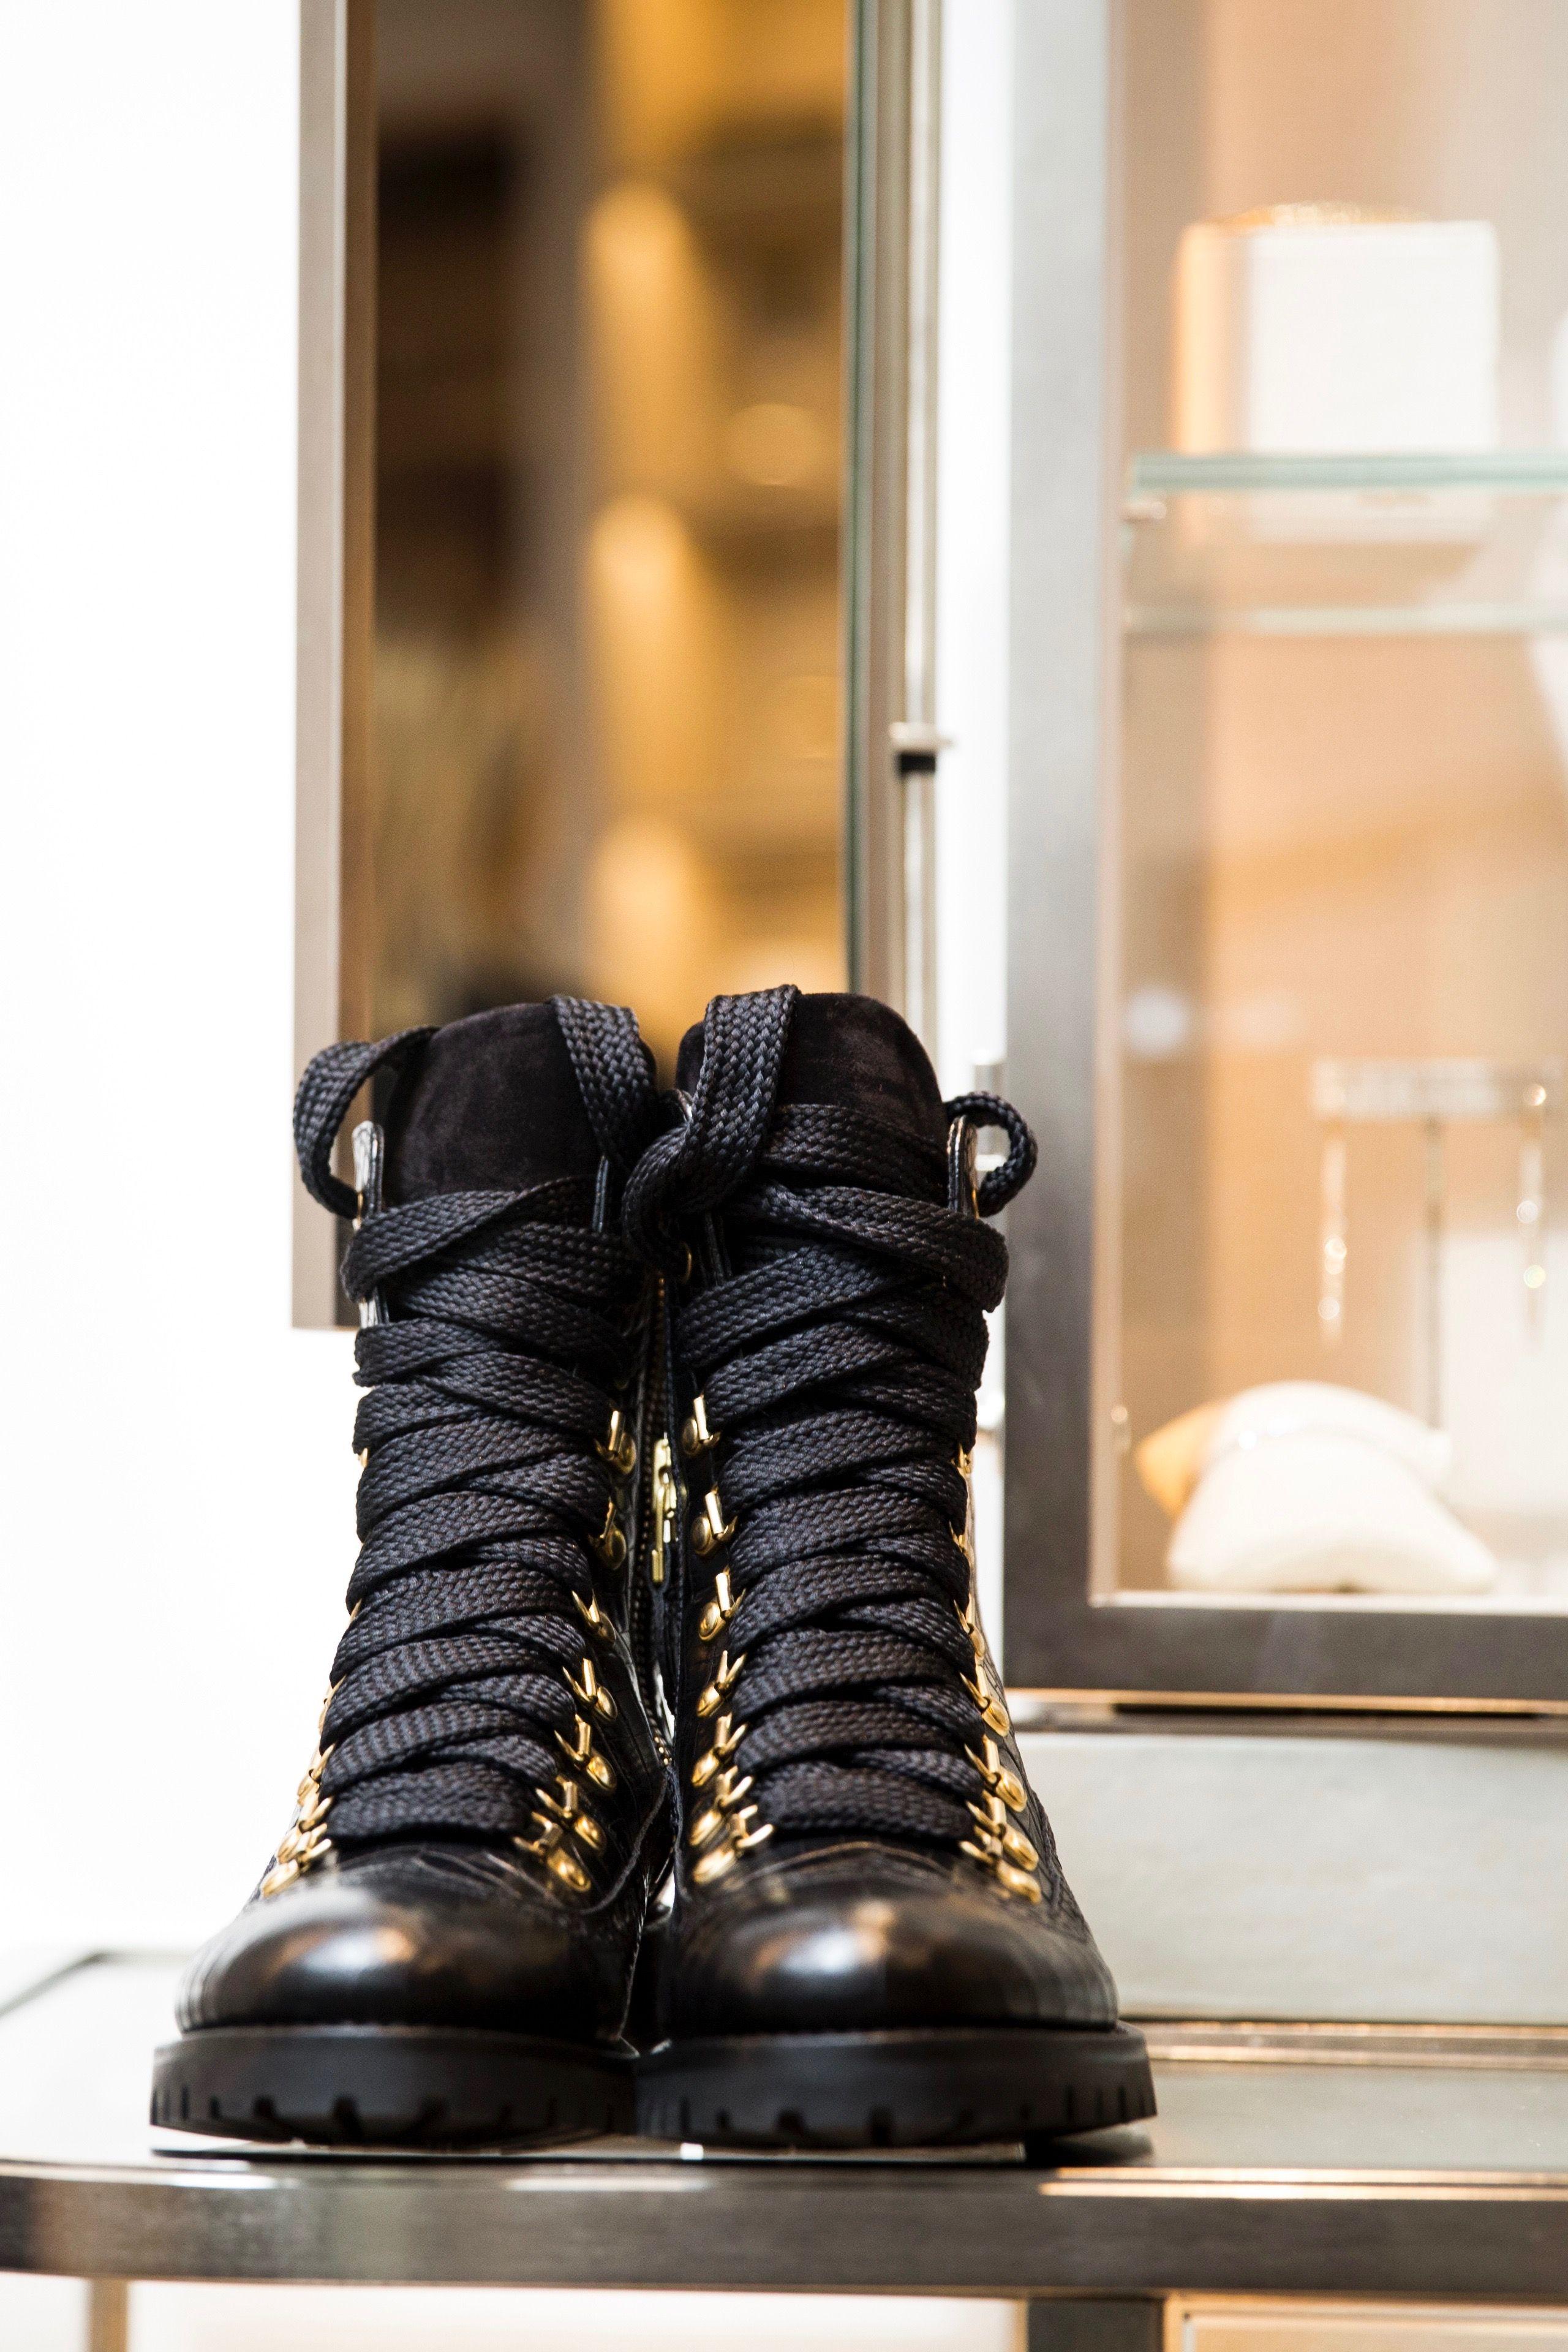 15e6cf598 #mrbernard #myscotts Bad-ass-boot for women who mean business. Black croc  heaven. Black combat boots.